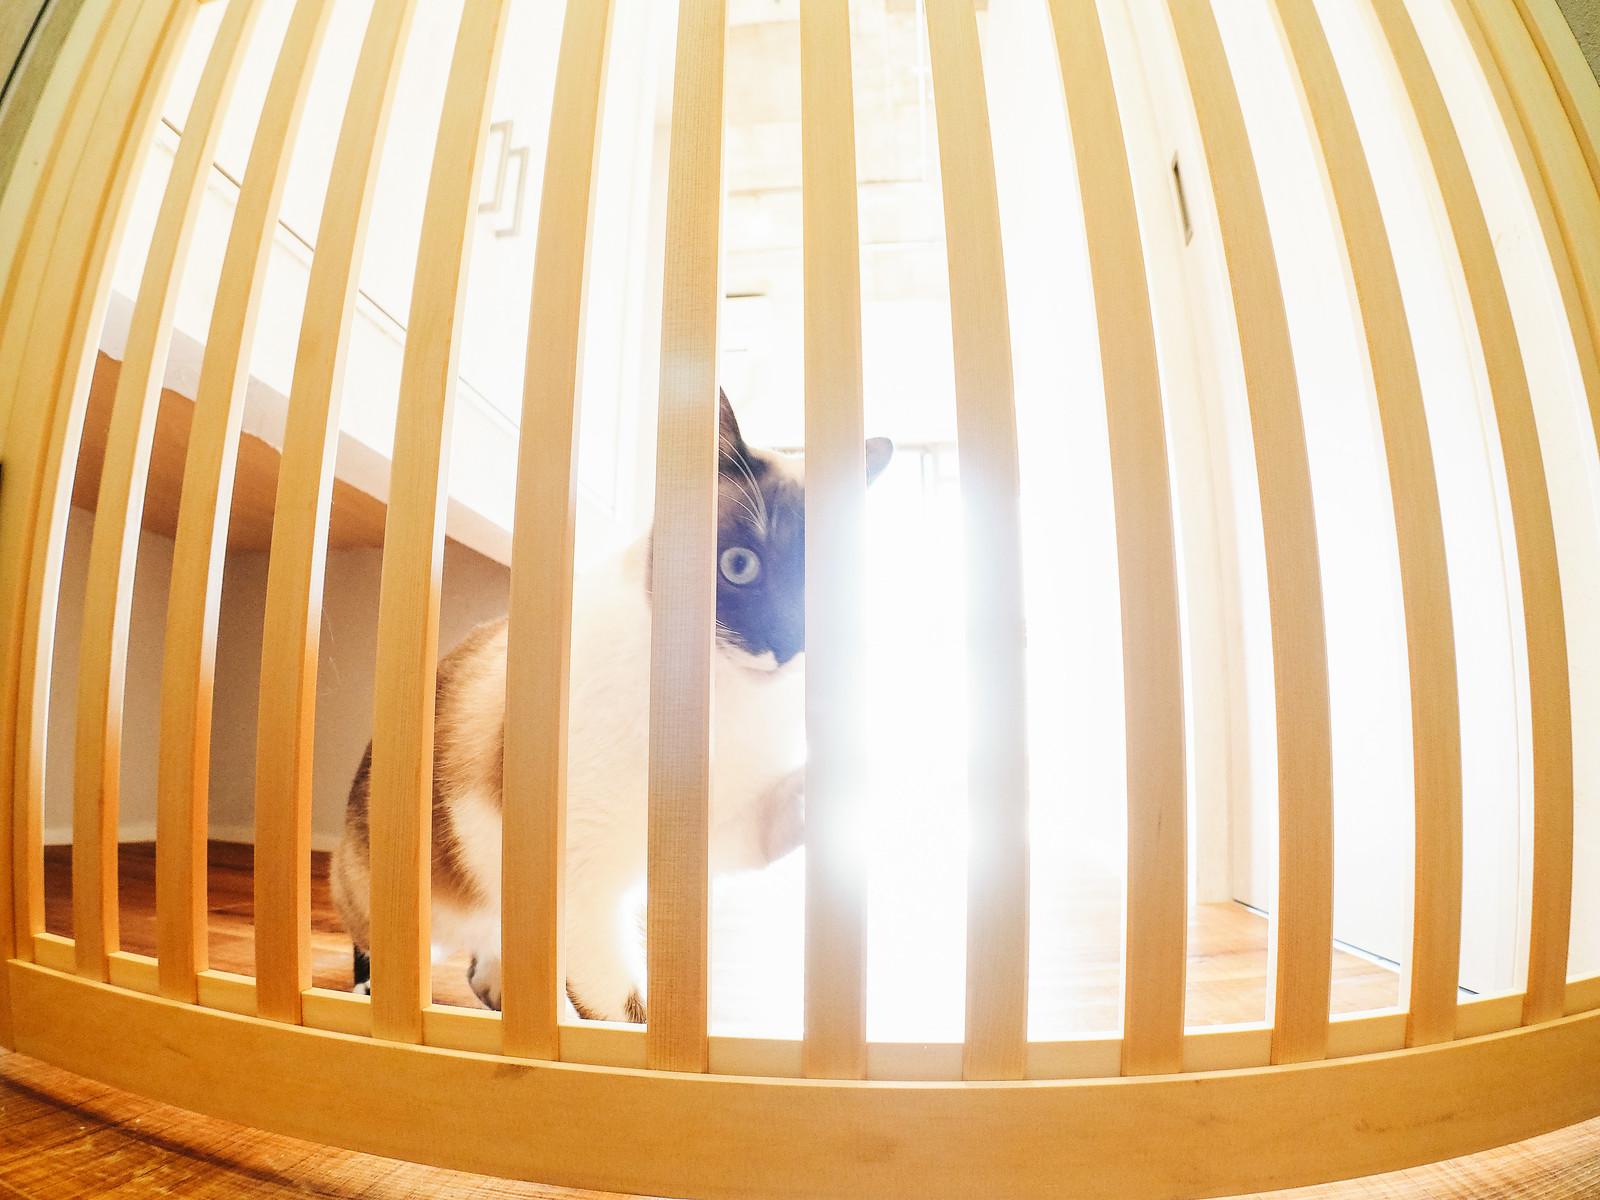 猫の脱走を防ぎたい!オーダーメイドの木製脱走防止扉「にゃんがーど」とは?